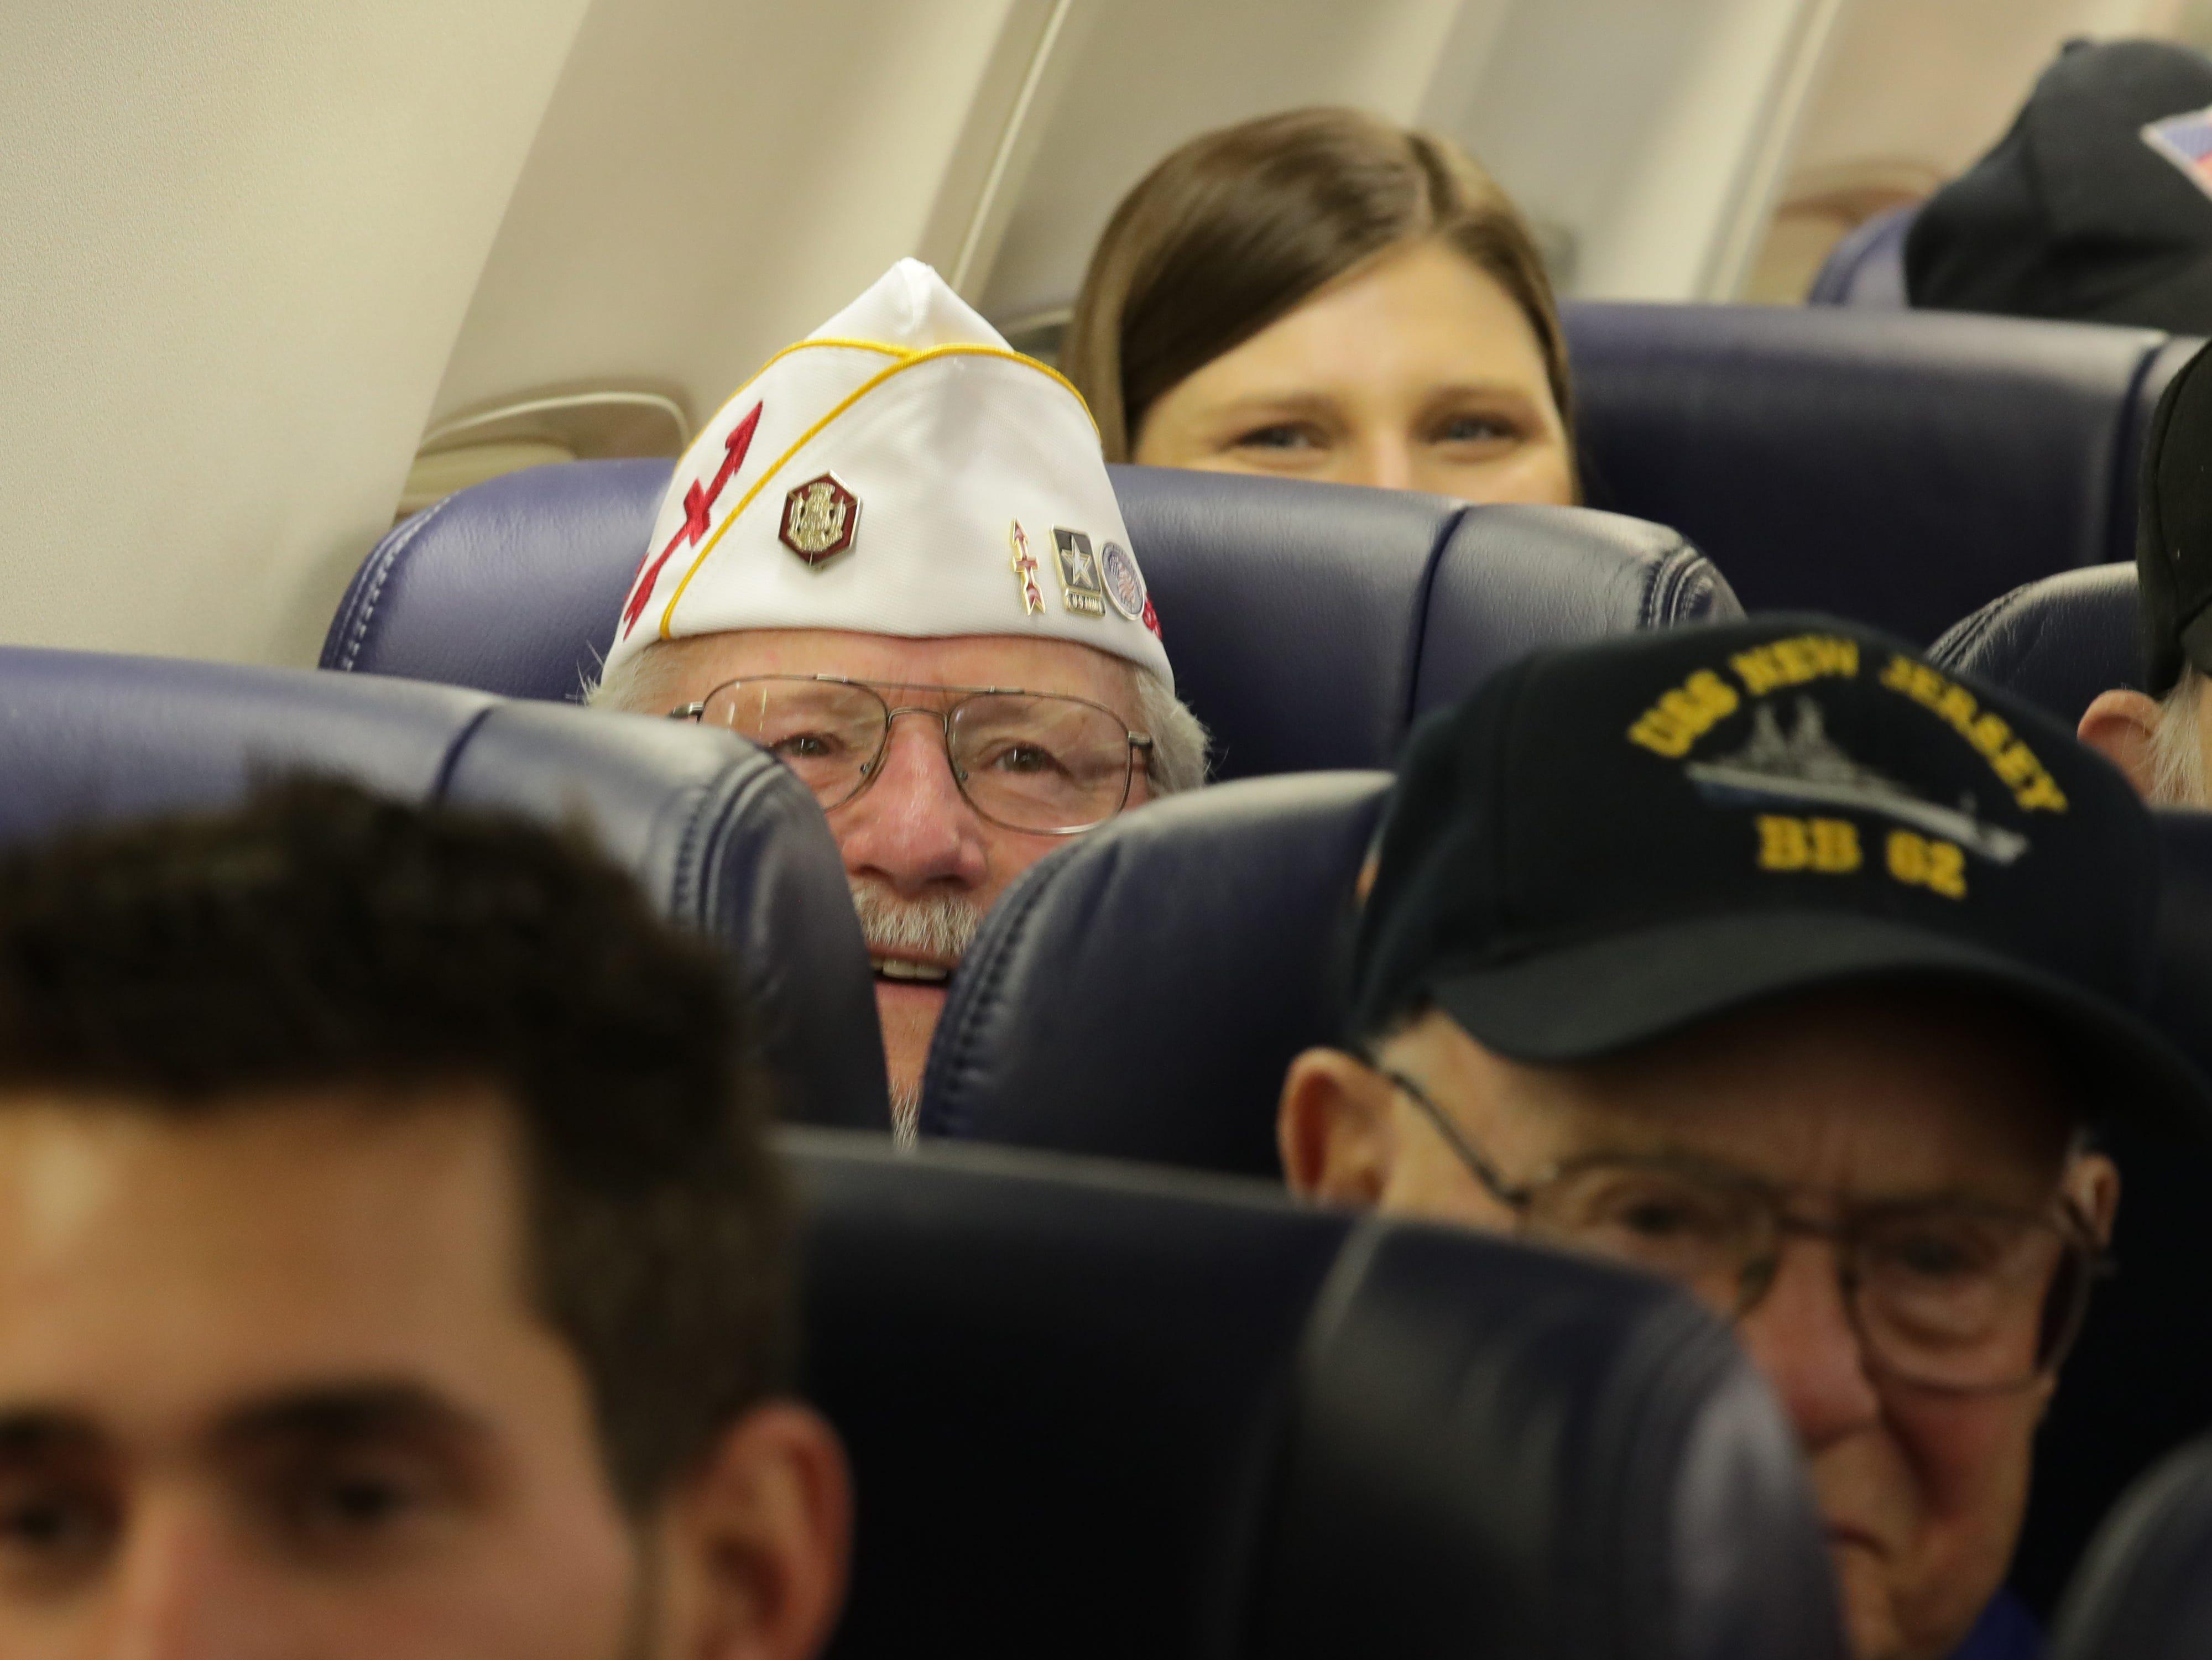 Vietnam veteran Gus Totsky peers over the seat before takeoff.